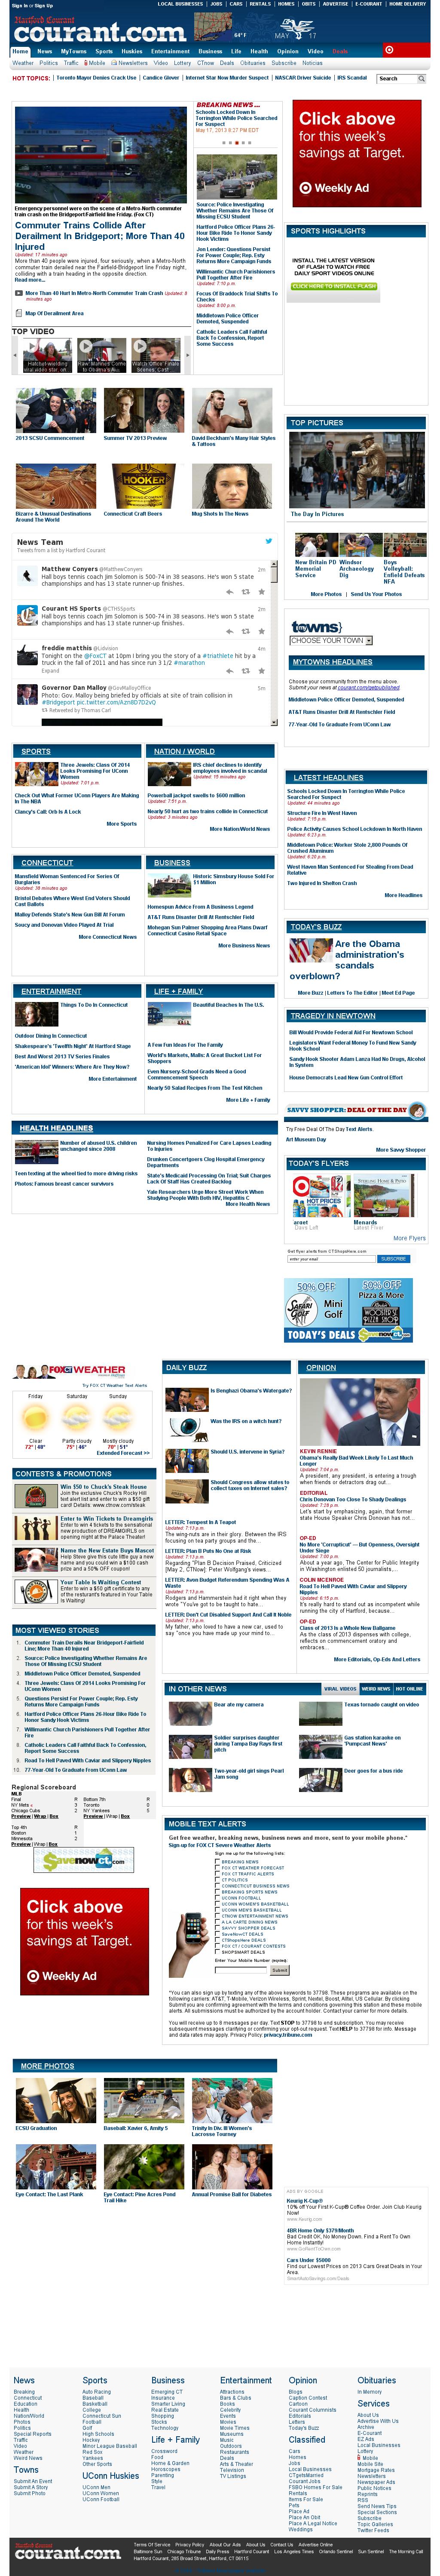 Hartford Courant at Saturday May 18, 2013, 1:10 a.m. UTC